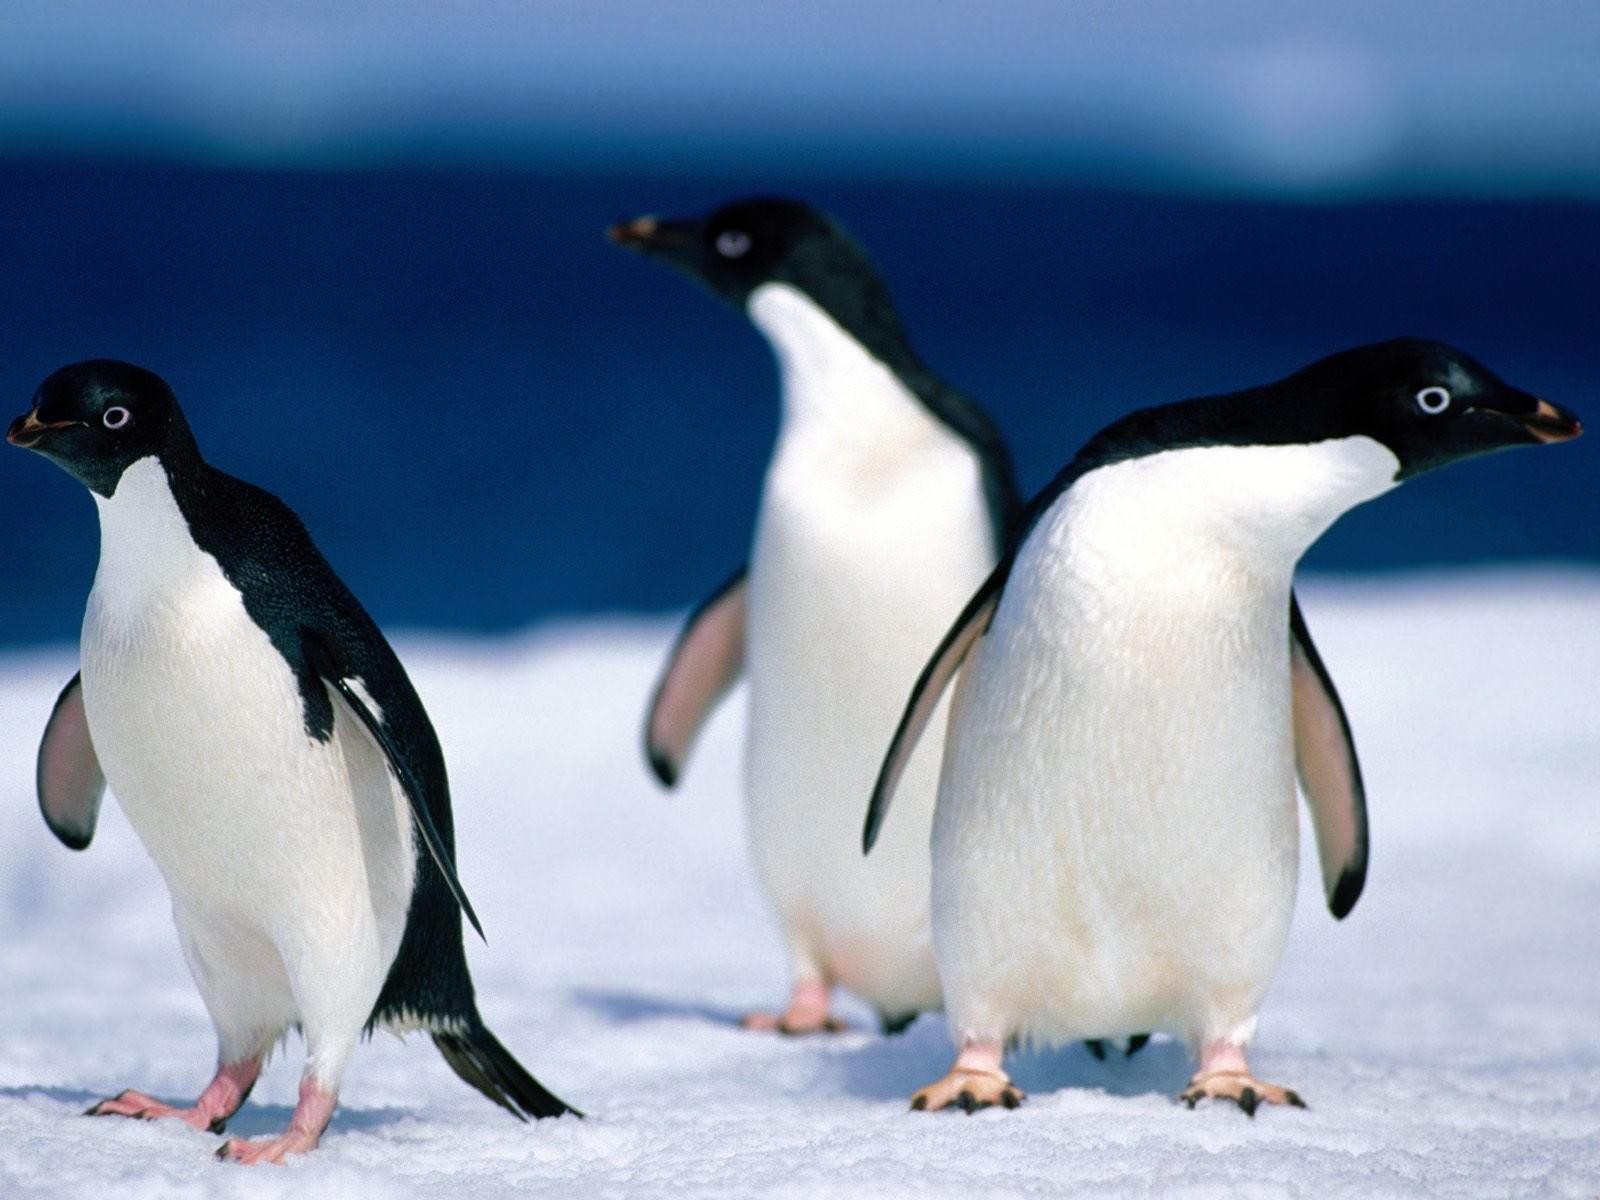 Трое пингвинов на снегу